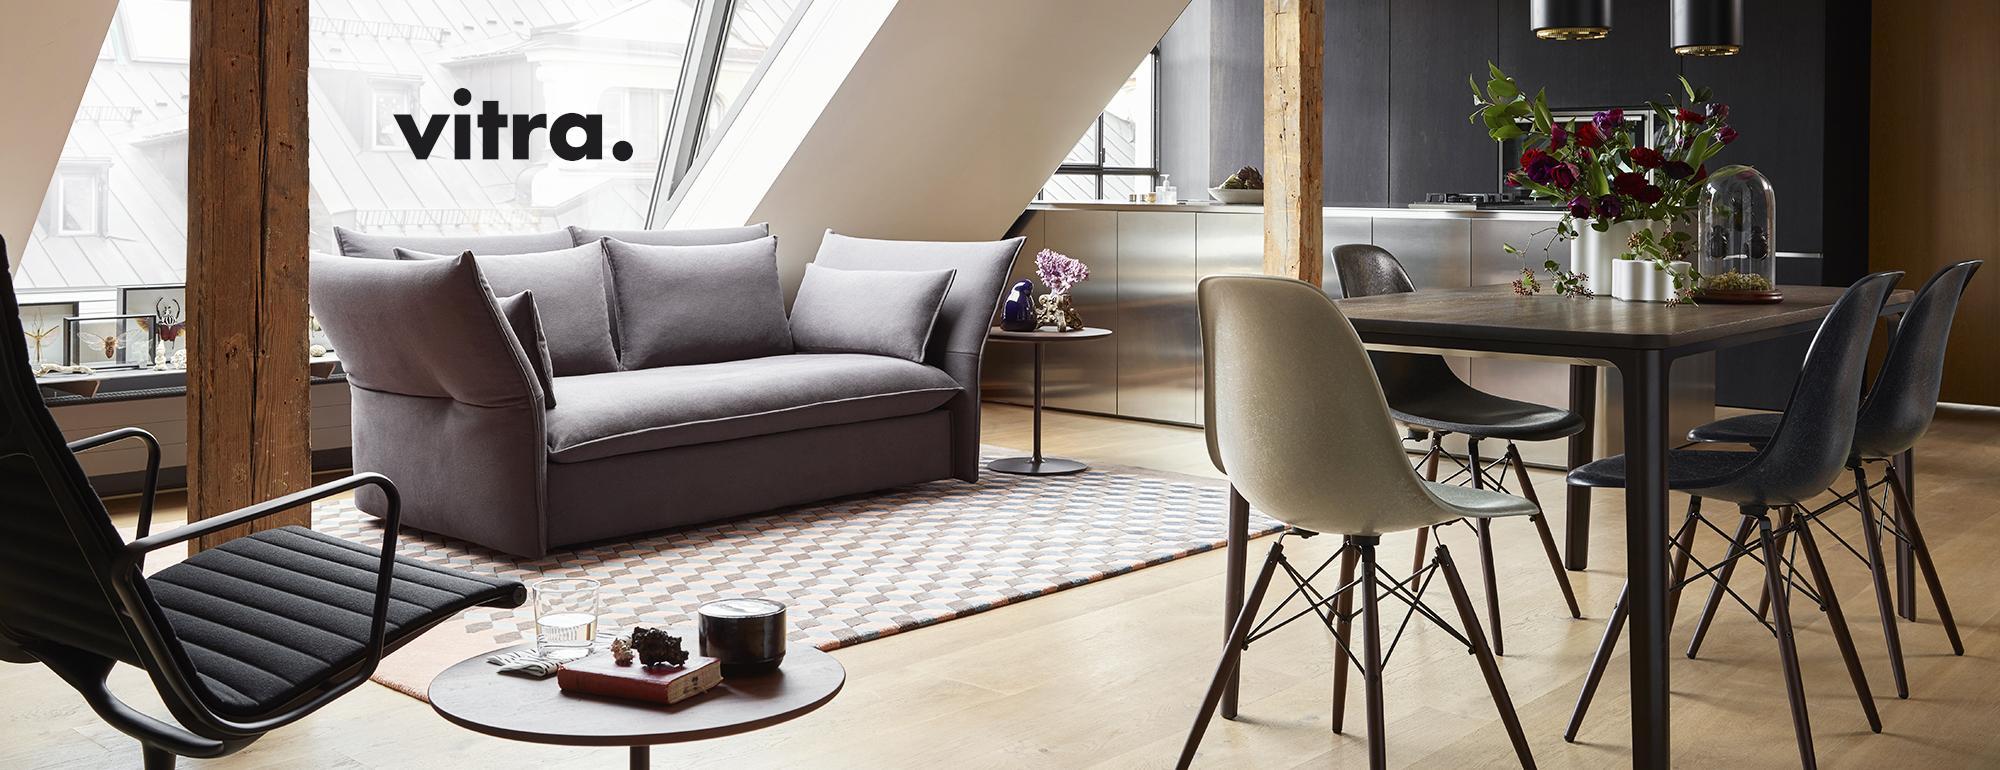 Vitra Möbel bei WOHN DESIGN